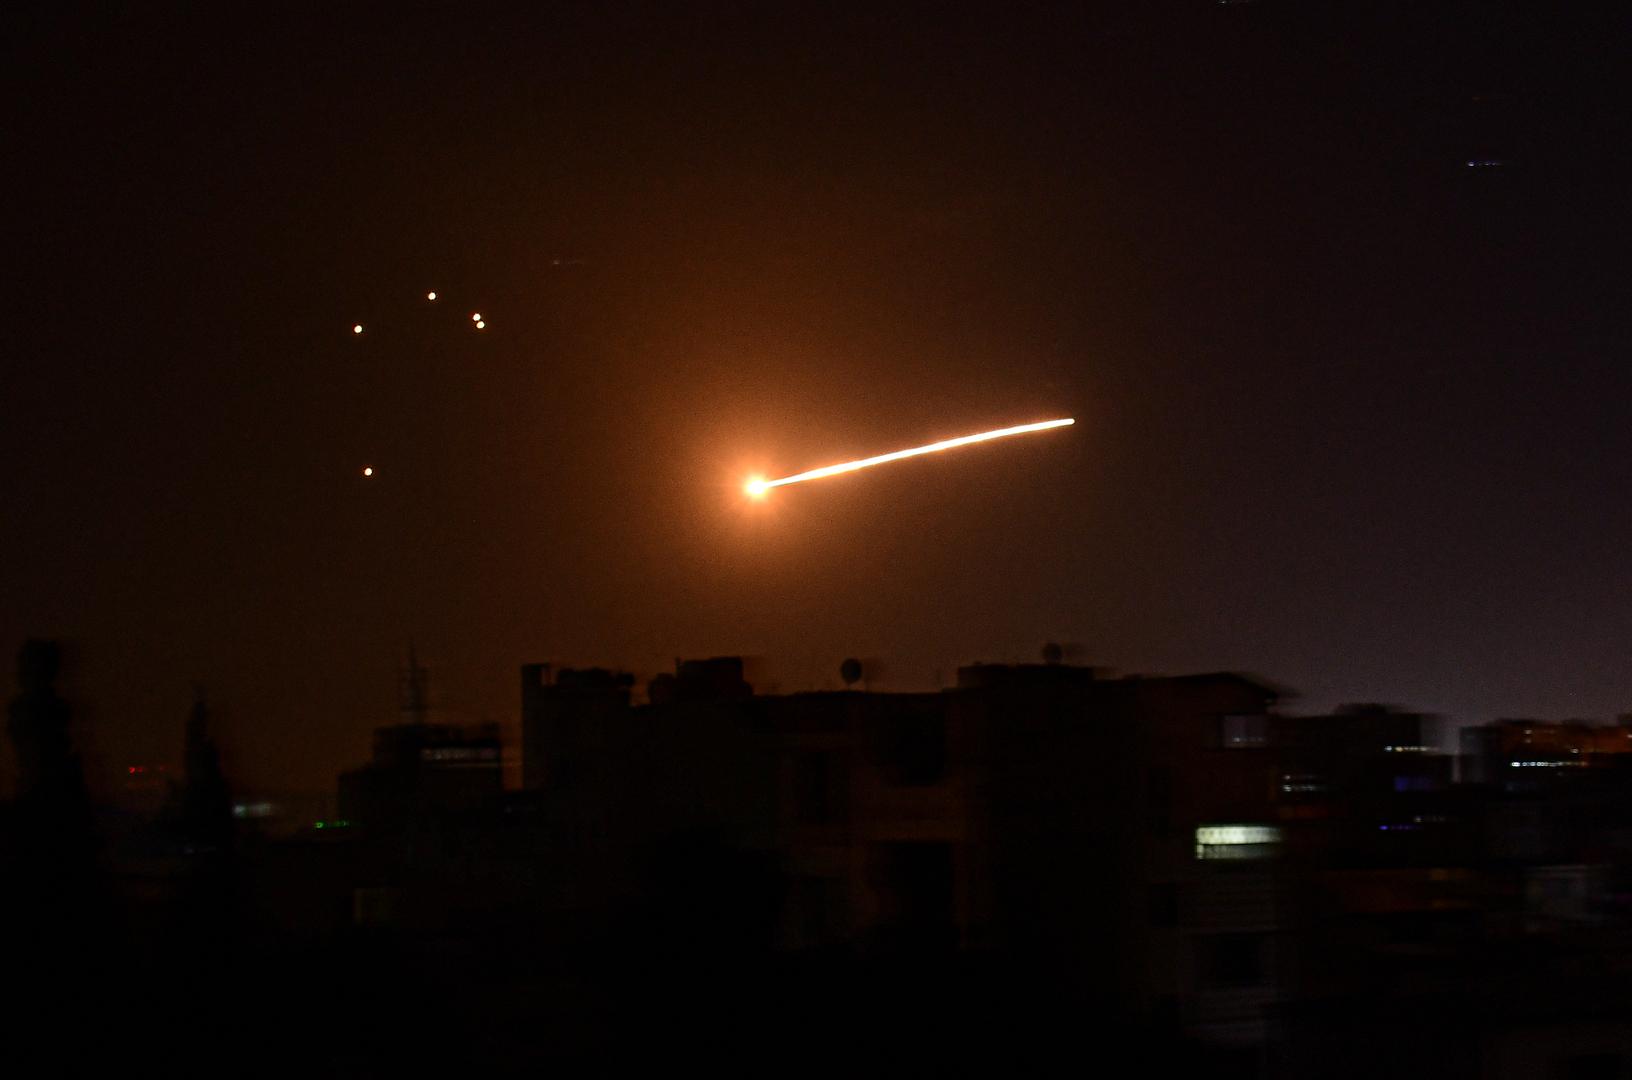 تفاصيل عن السلاح الذي صد بواسطته الجيش السوري الغارة الإسرائيلية يوم 22 يوليو